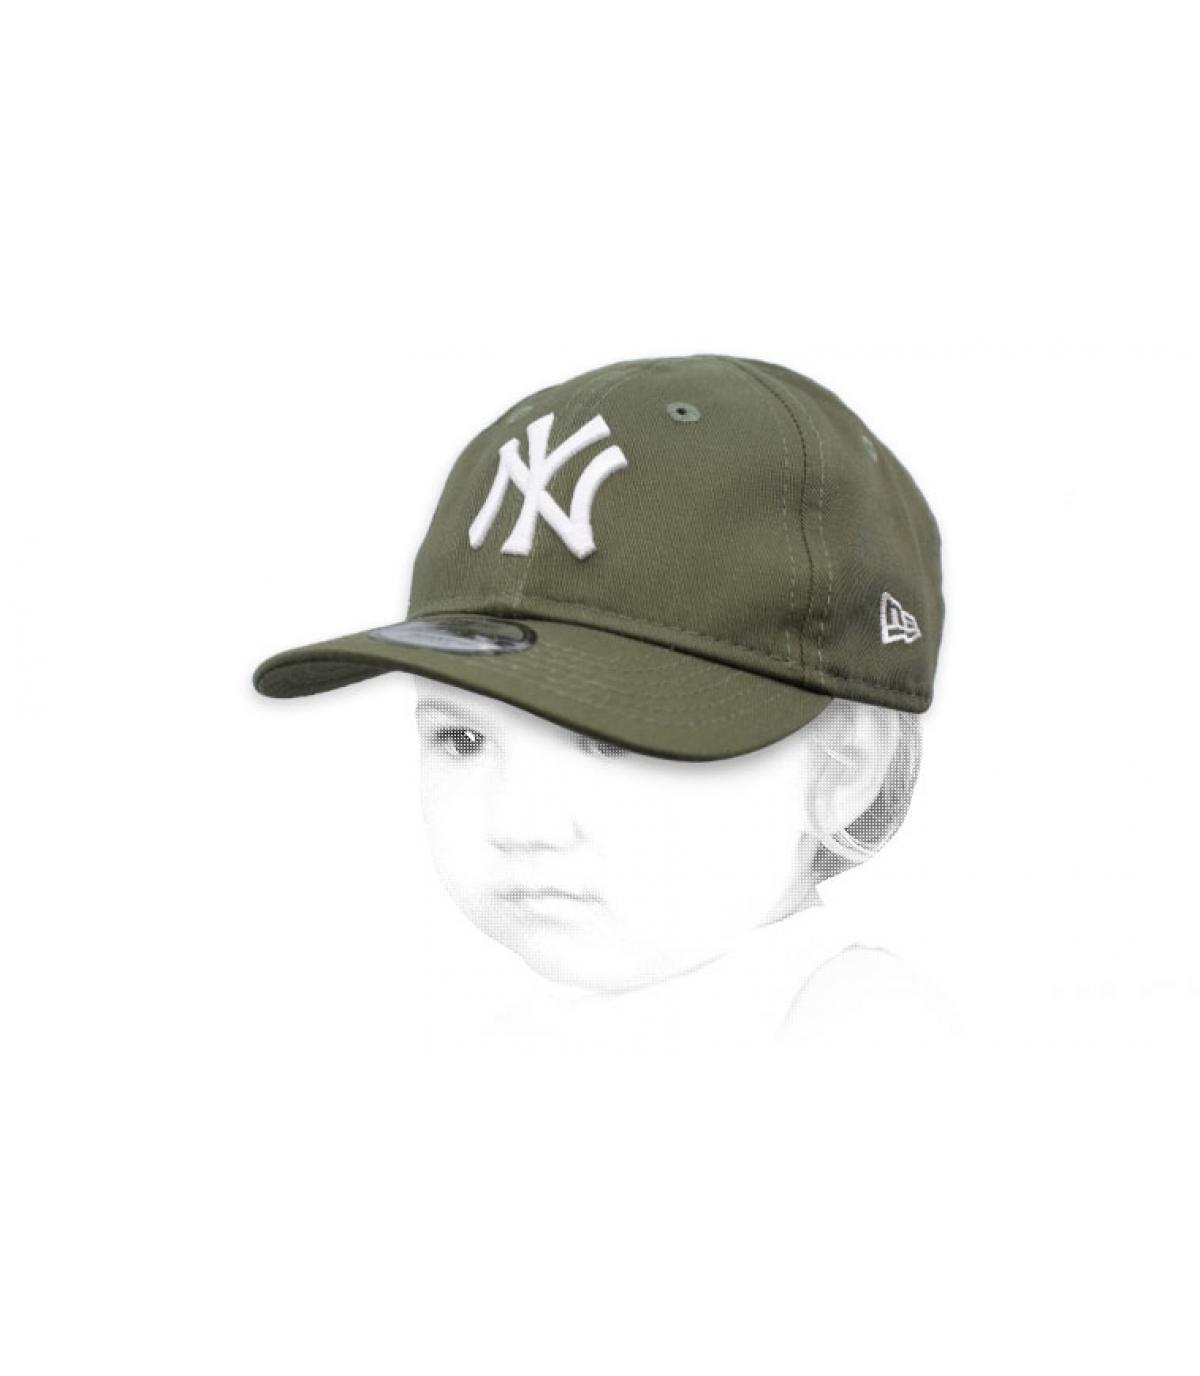 NY groene baby cap